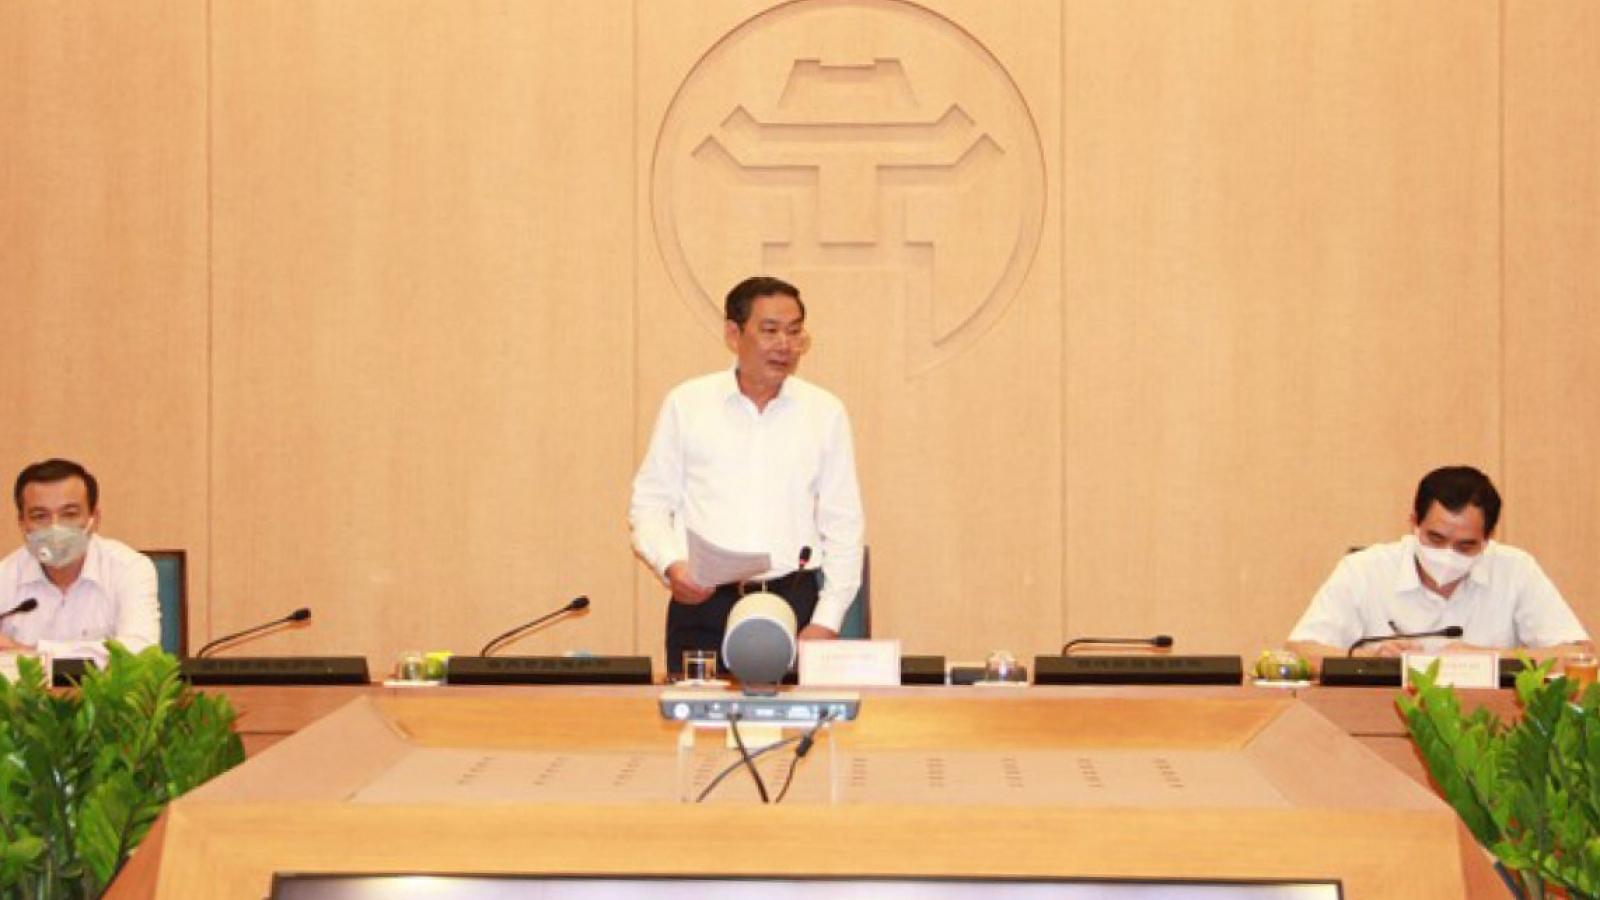 Làm rõ yêu cầu đặc biệt của yếu tố Thủ đô trong việc xây dựng Luật Thủ đô (sửa đổi)